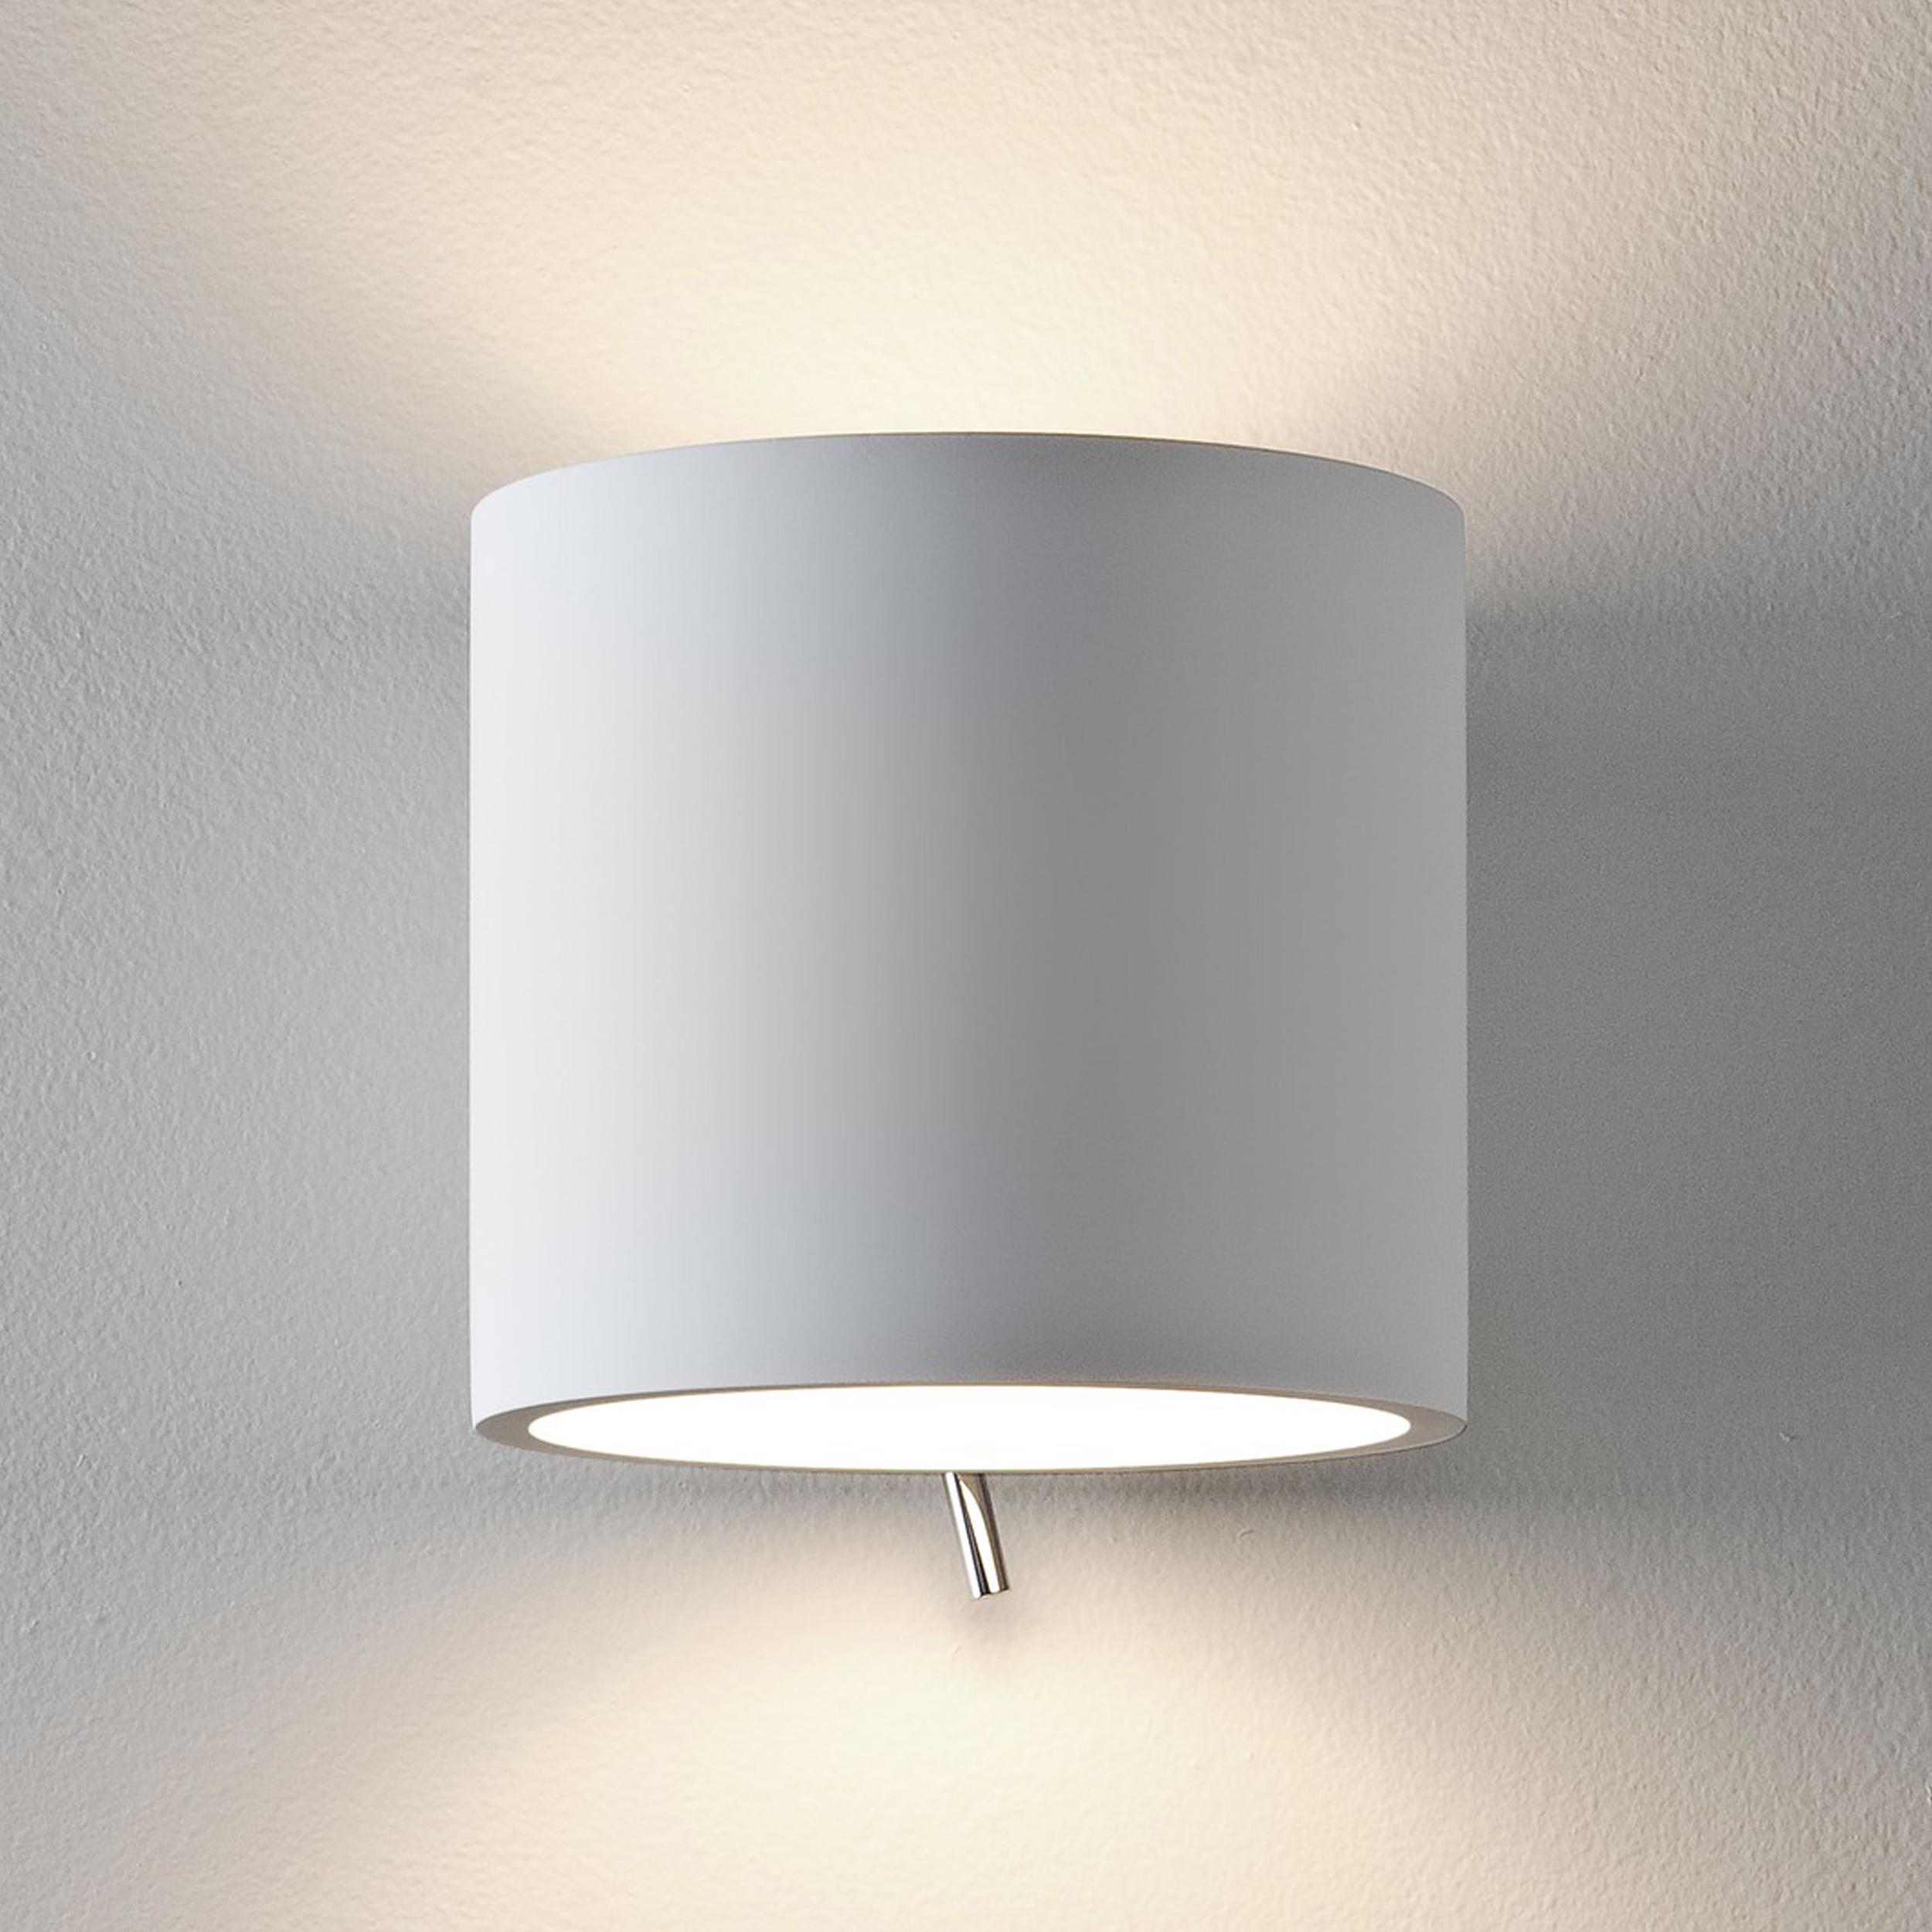 Astro Brenta 130 Wall Light White Plaster